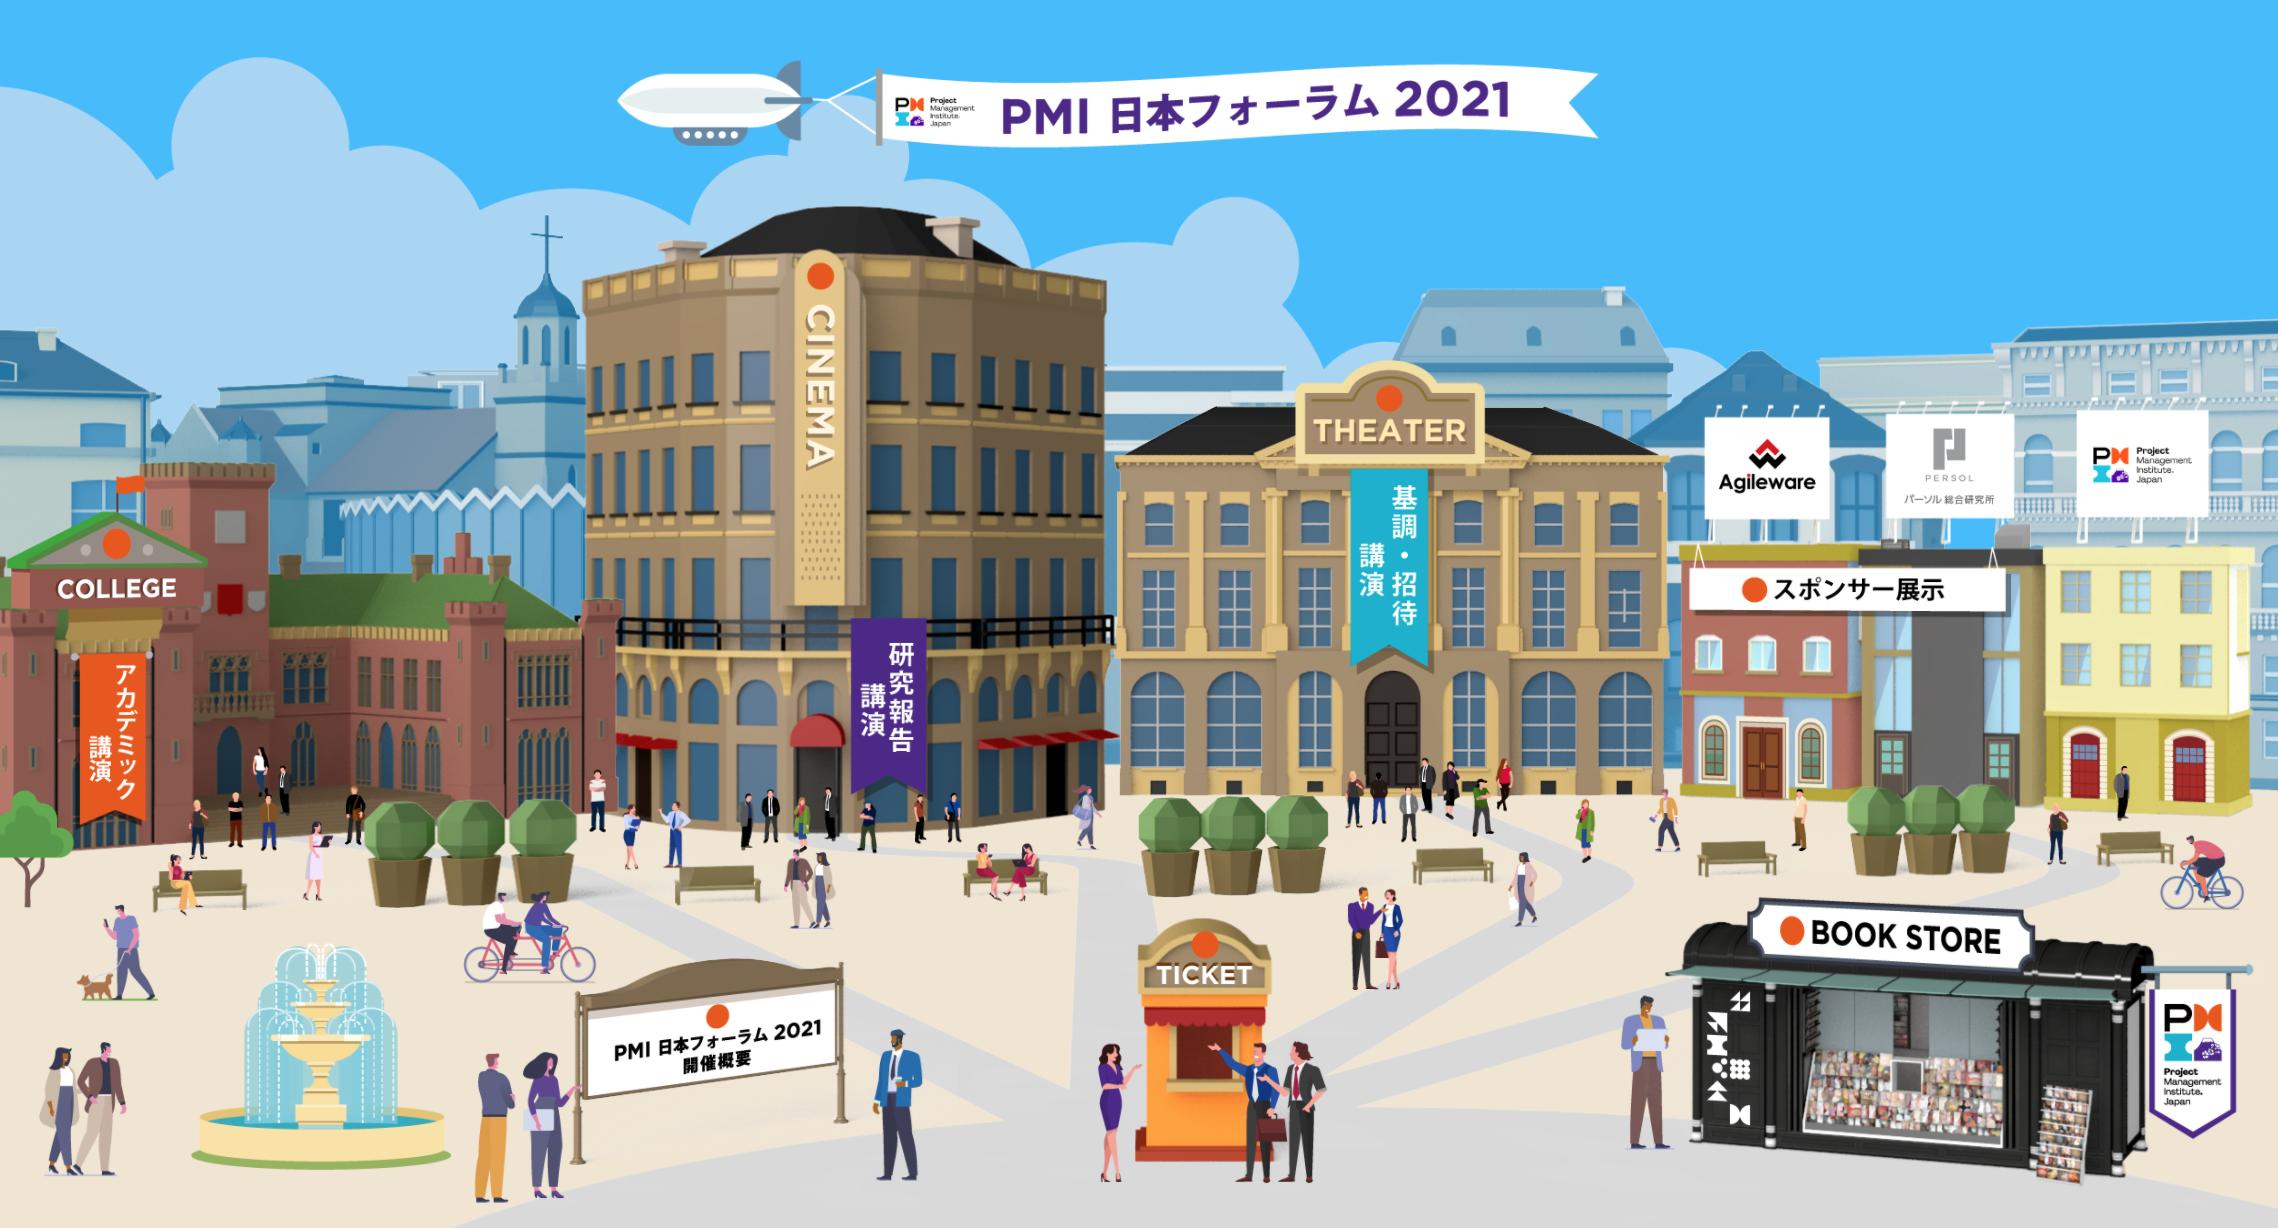 PMI日本フォーラム2021「リモートワーク時代のステークホルダーマネジメント(セミナーイベント編)」